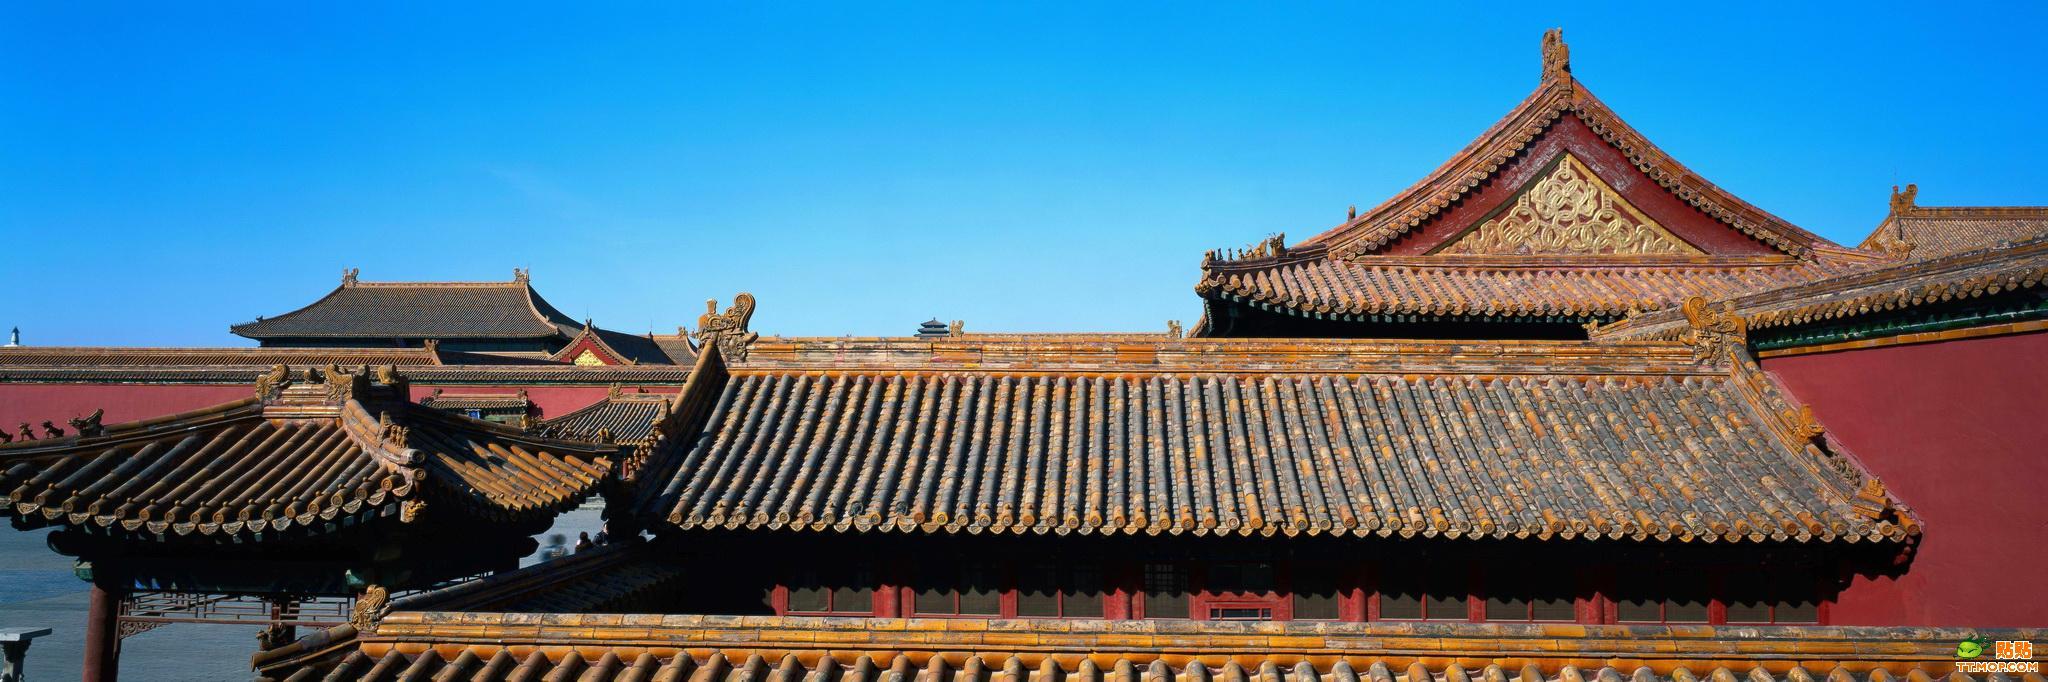 古代皇宫_张太岳吧_百度贴吧图片